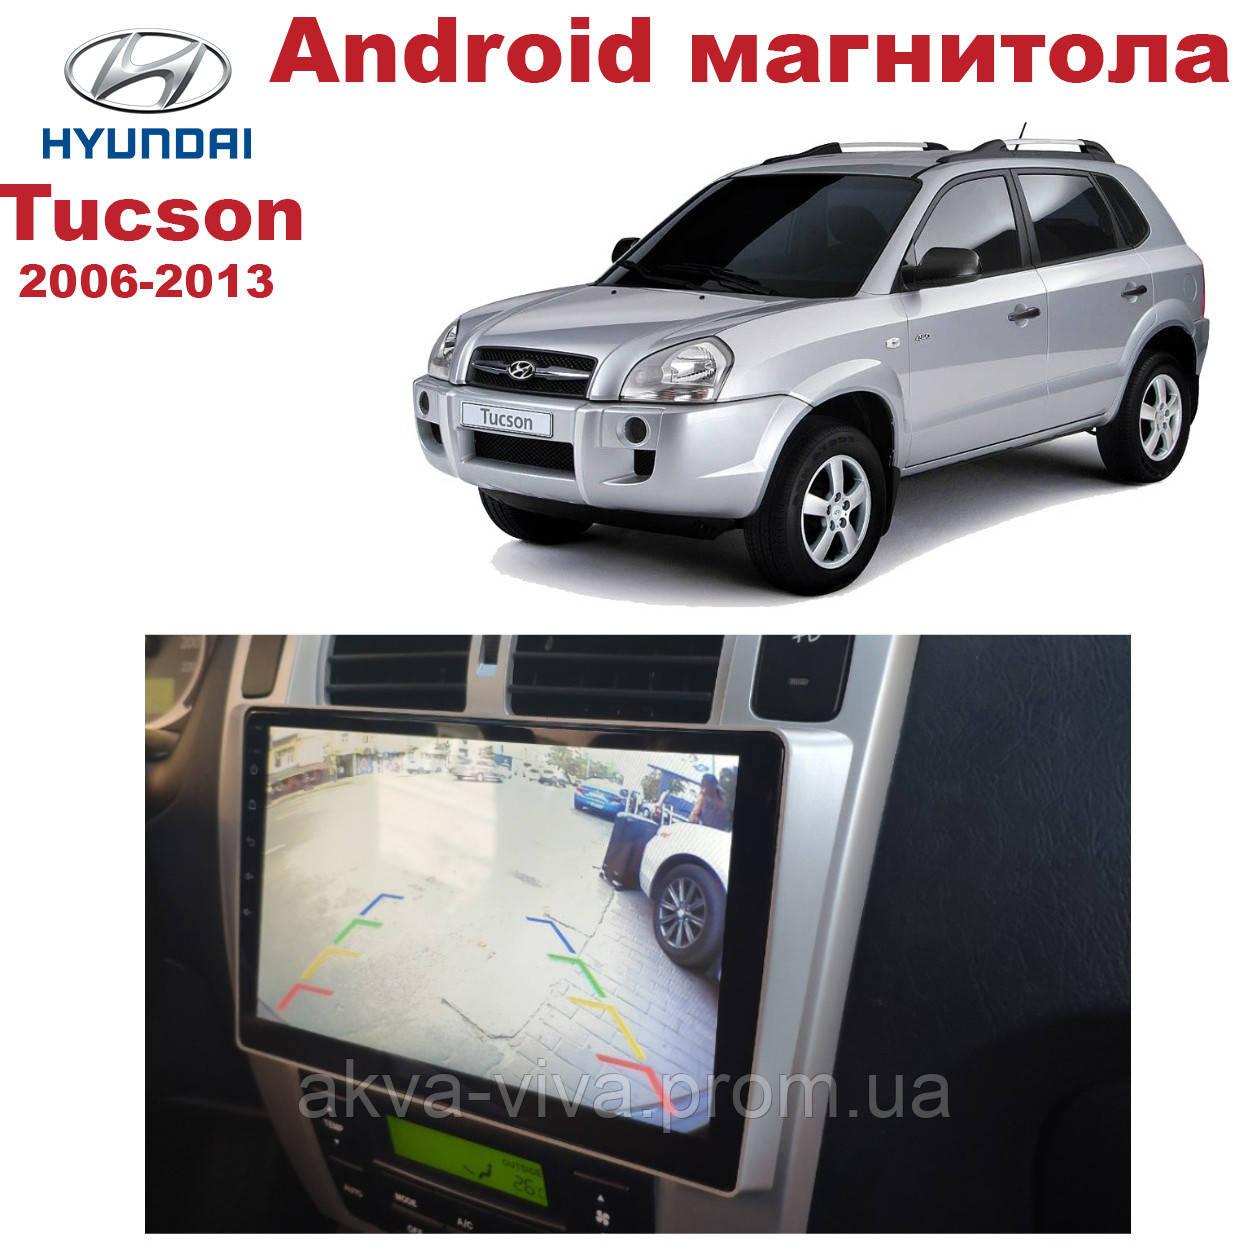 Штатная автомагнитола для Hyundai Tucson 2006-2013 на ANDROID 8.1 (М-ХТ-10)